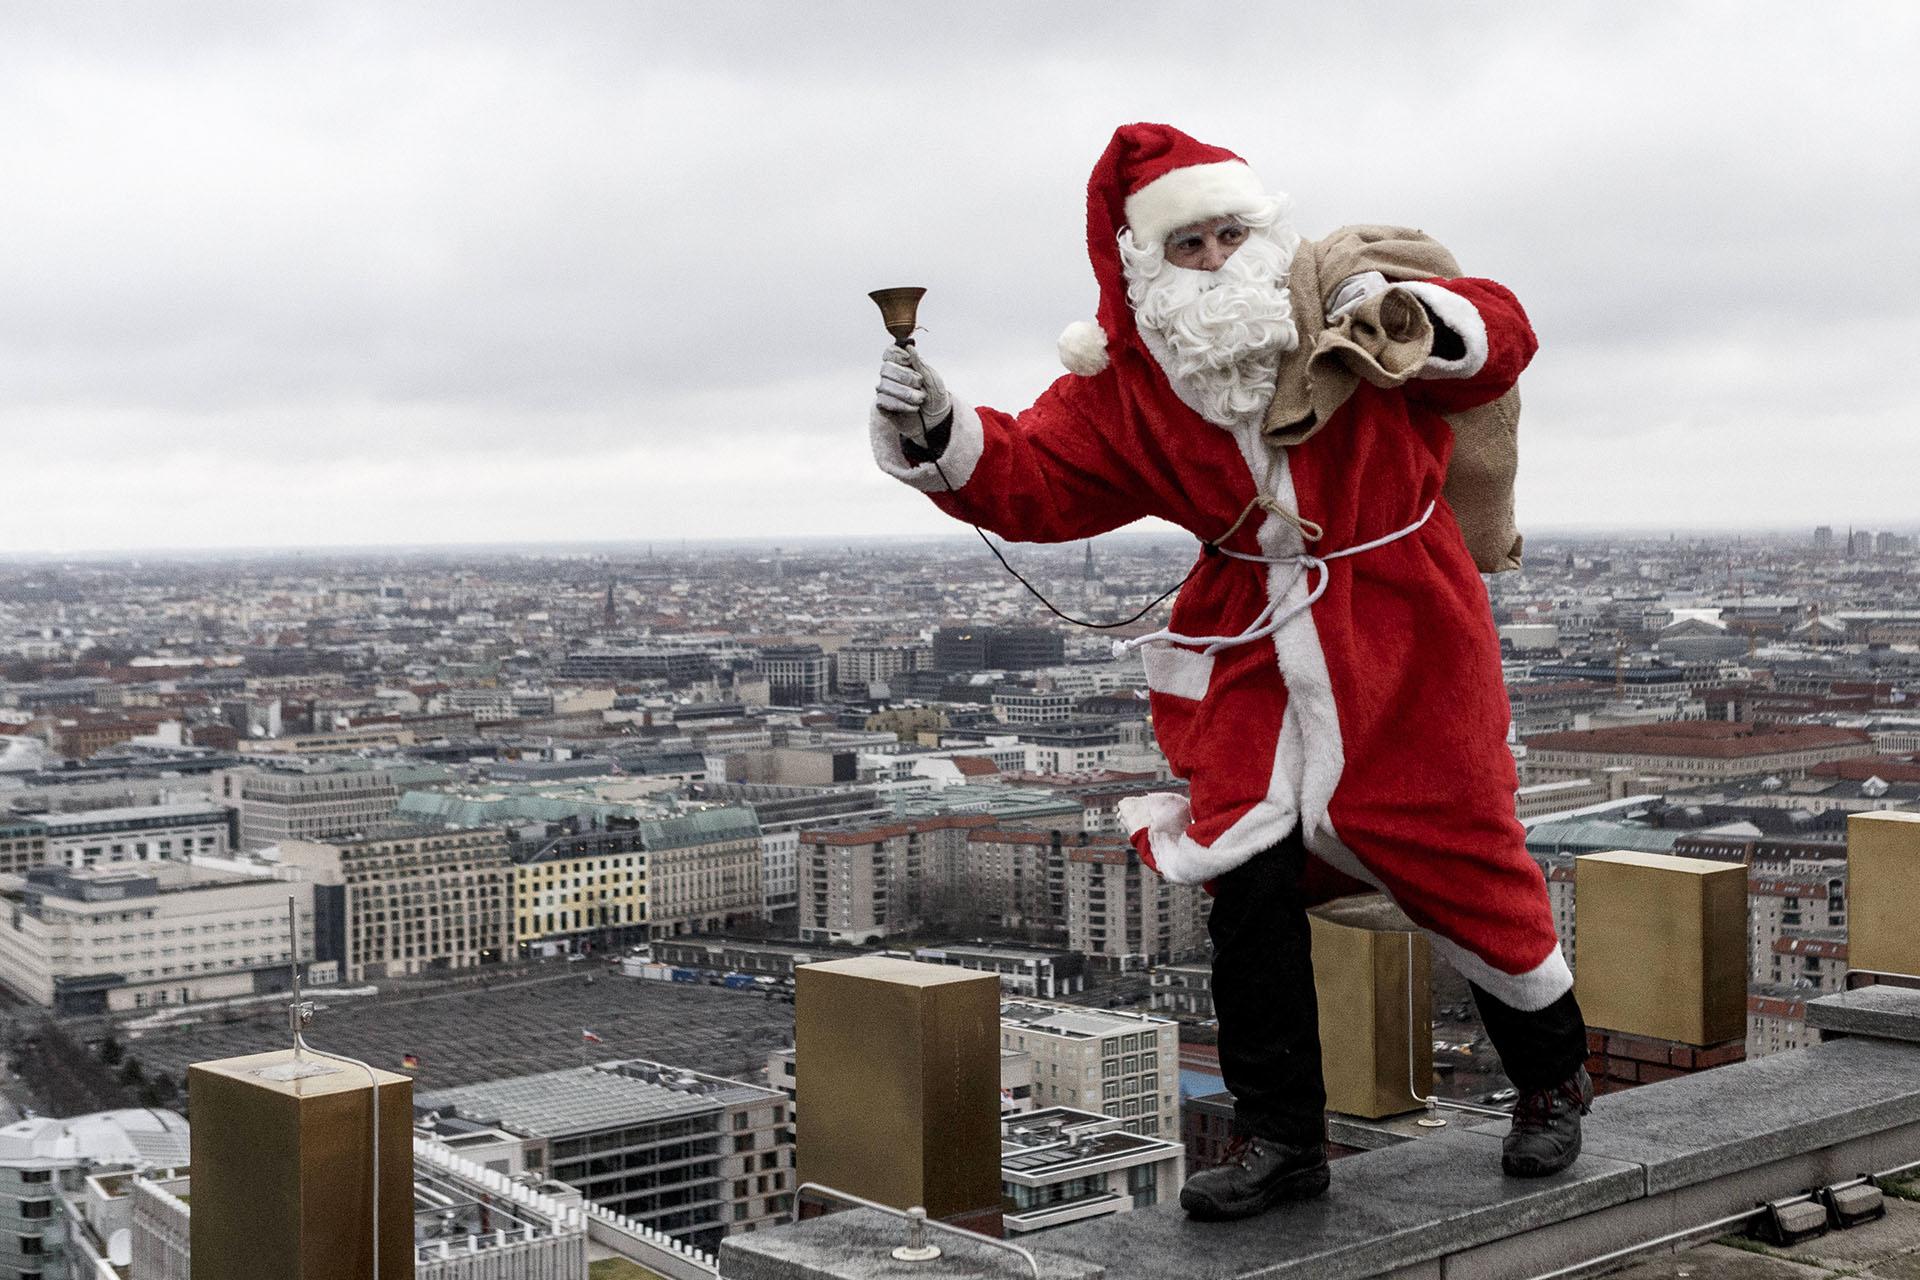 Un actor vestido como Papá Noel pretende recuperar un paquete perdido cerca de la torre Kollhoff el 17 de diciembre de 2017 en Berlín, Alemania. (Getty Images)